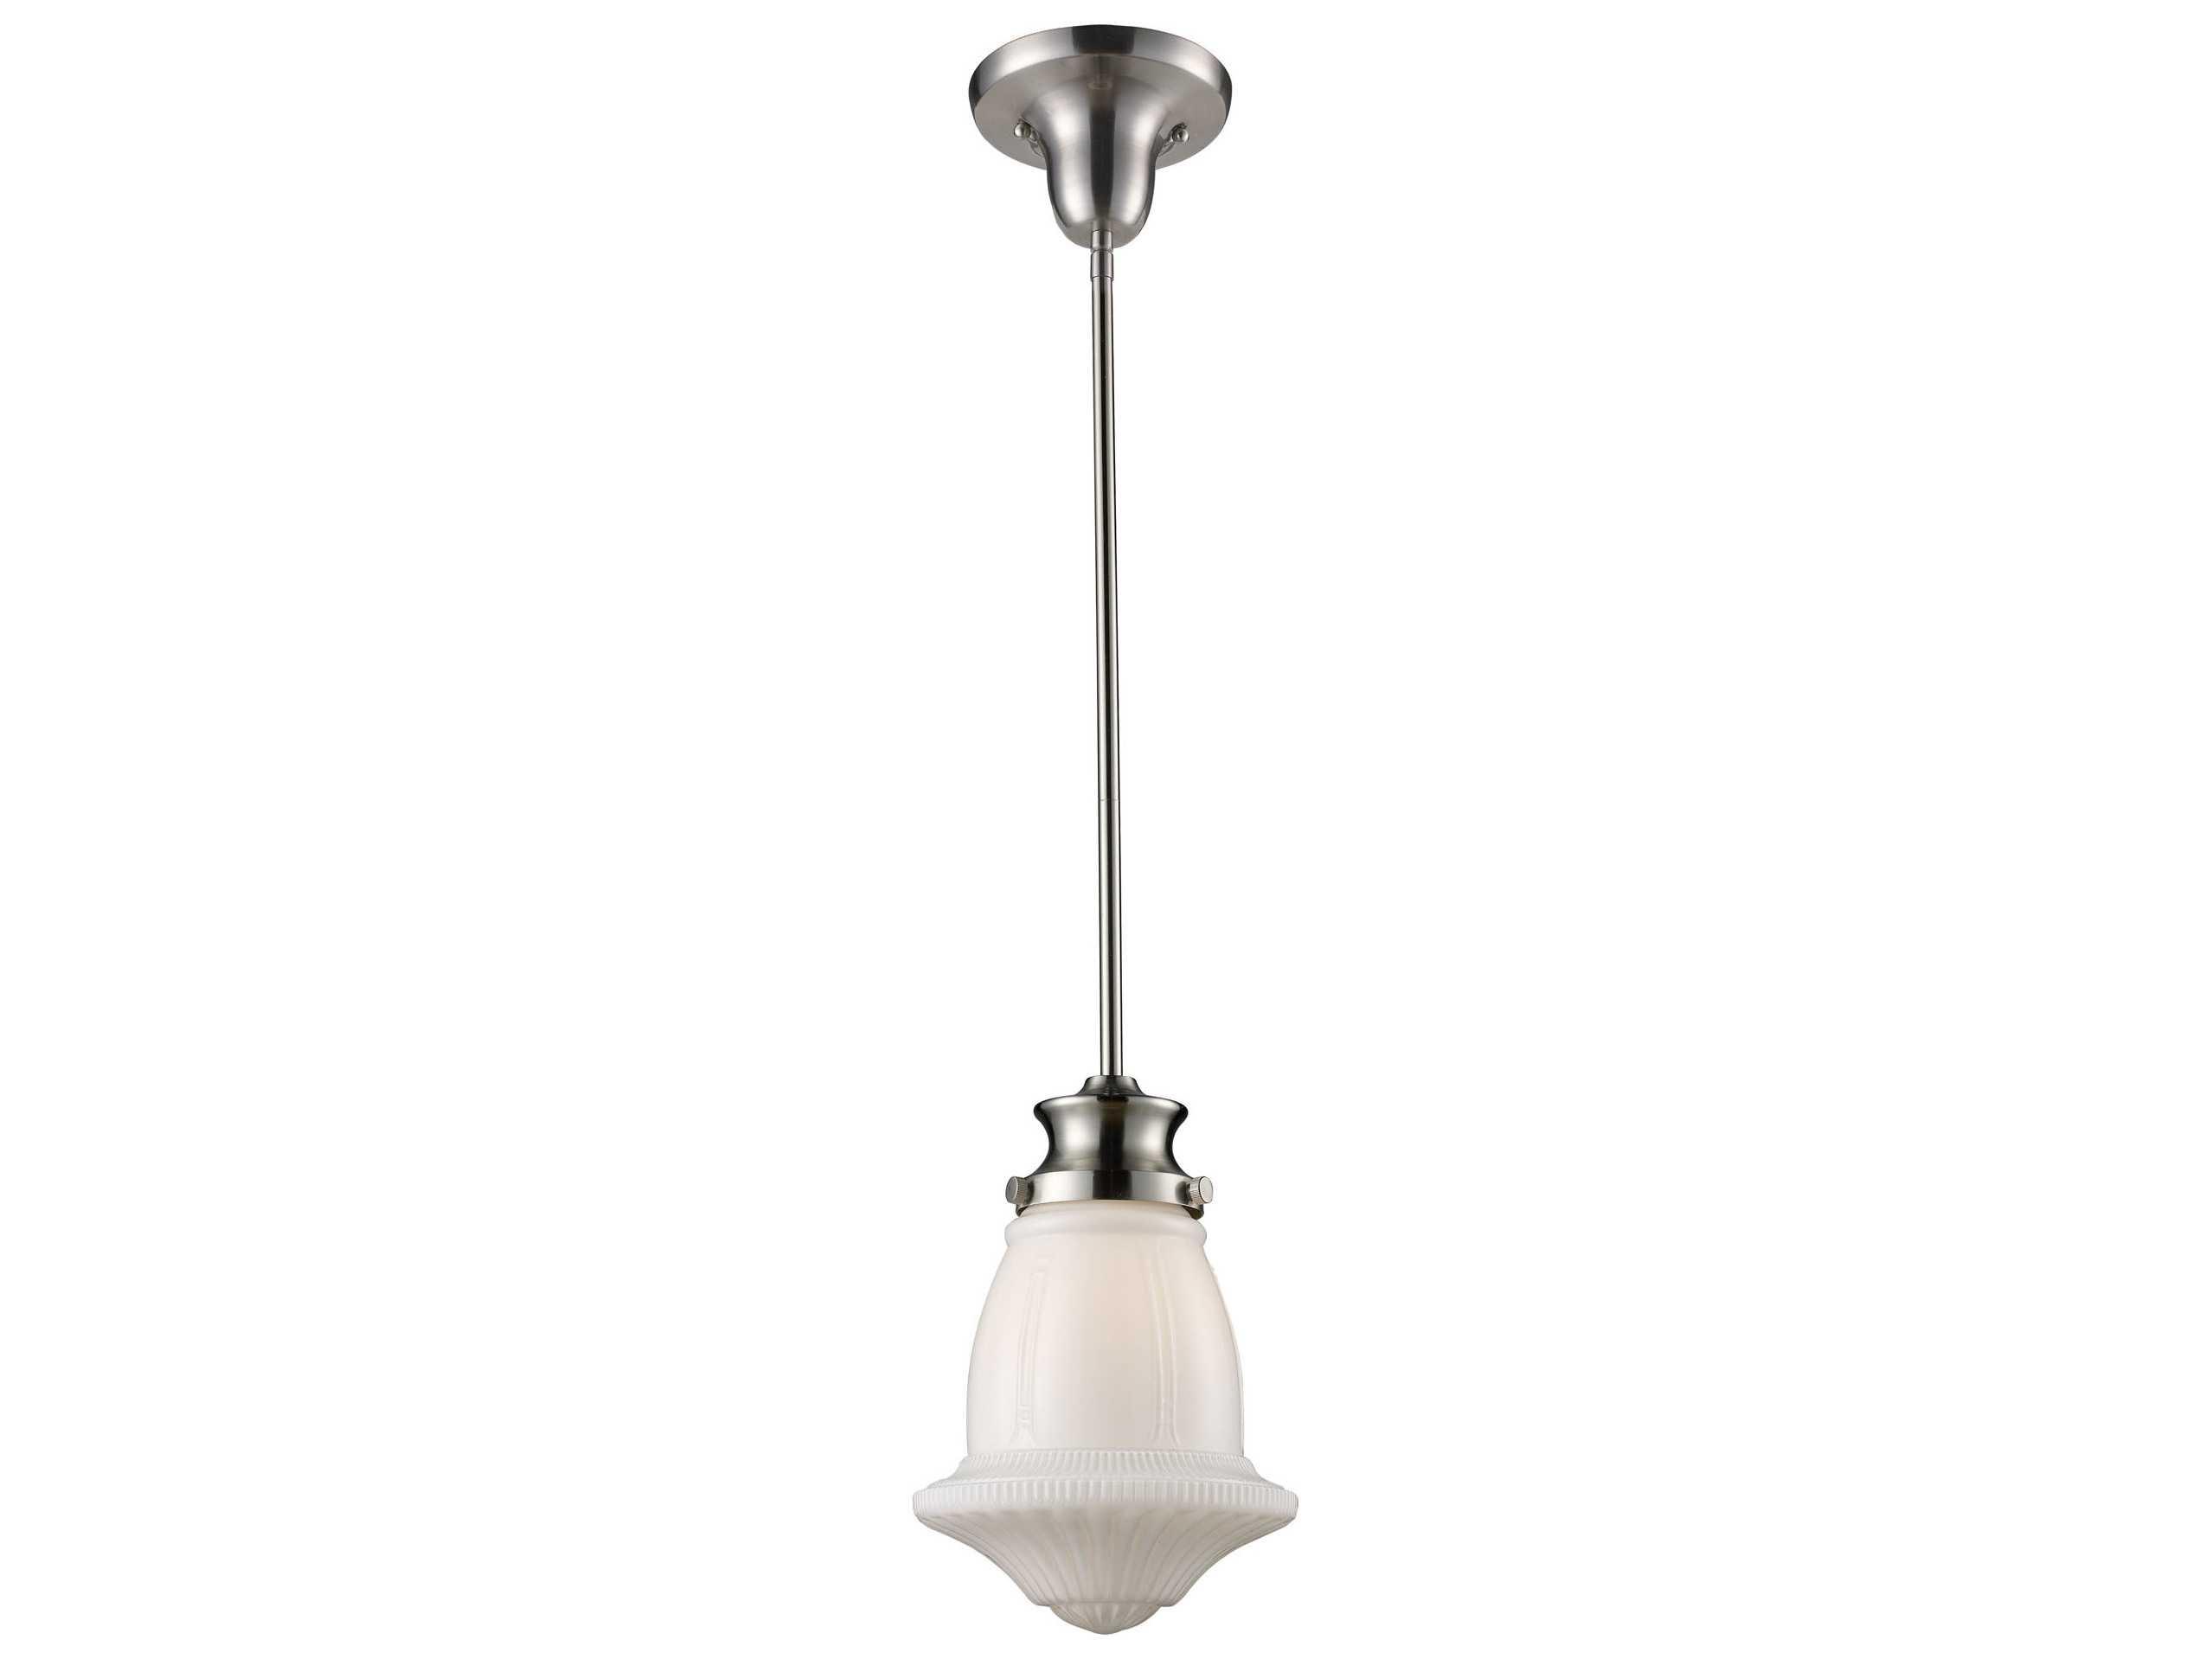 Elk Lighting Schoolhouse Pendants Satin Nickel 8 Wide Mini Pendant Ek690291